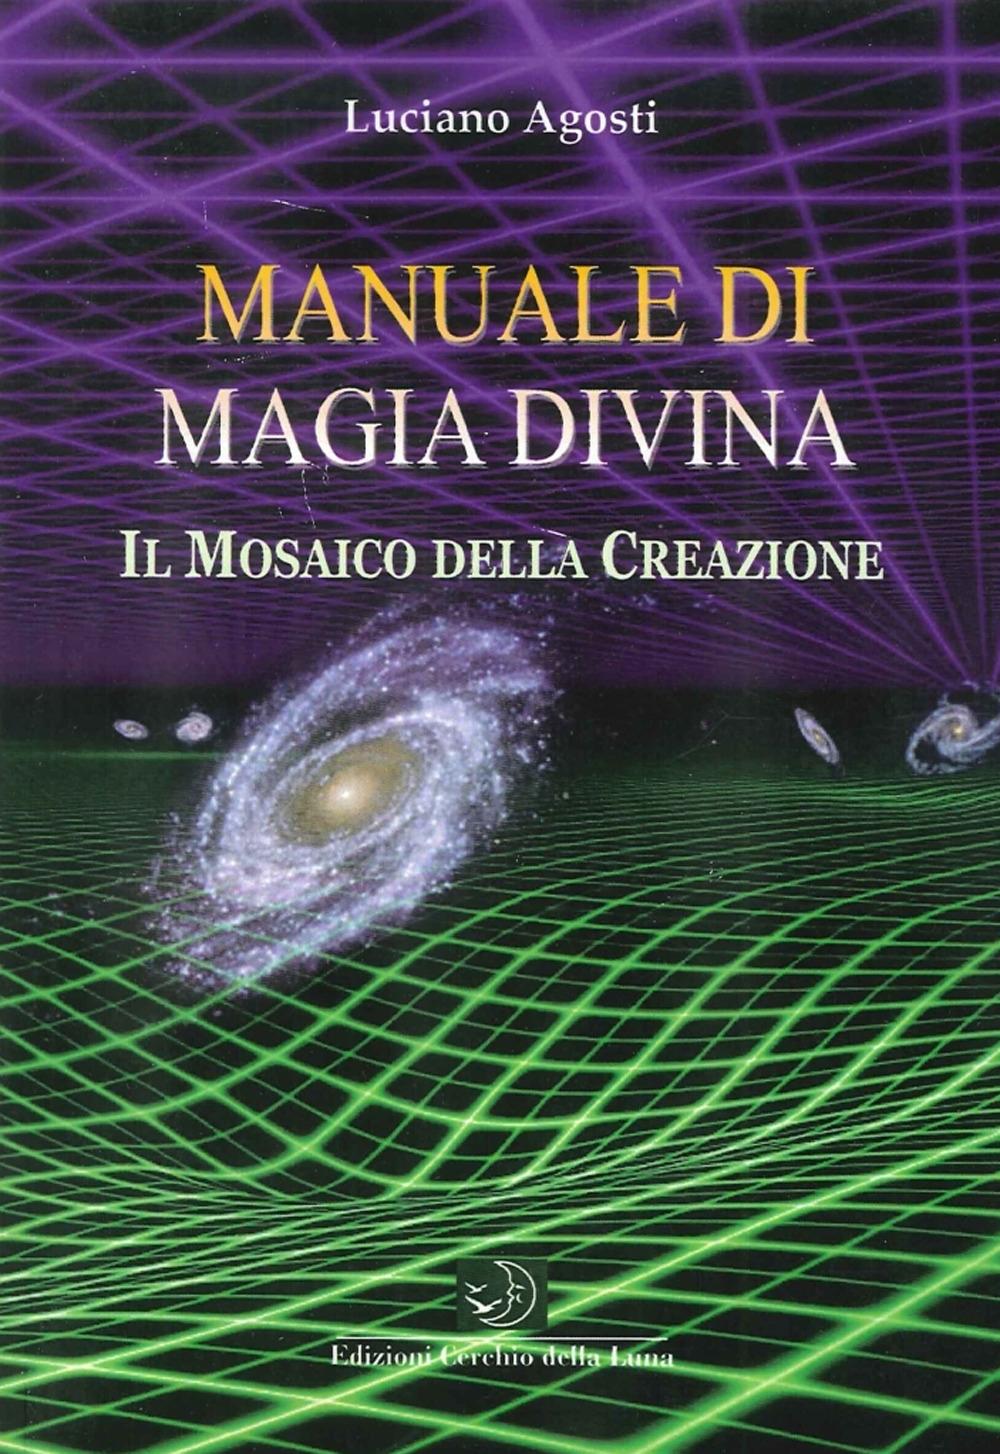 Manuale di Magia Divina. Il Mosaico della Creazione.